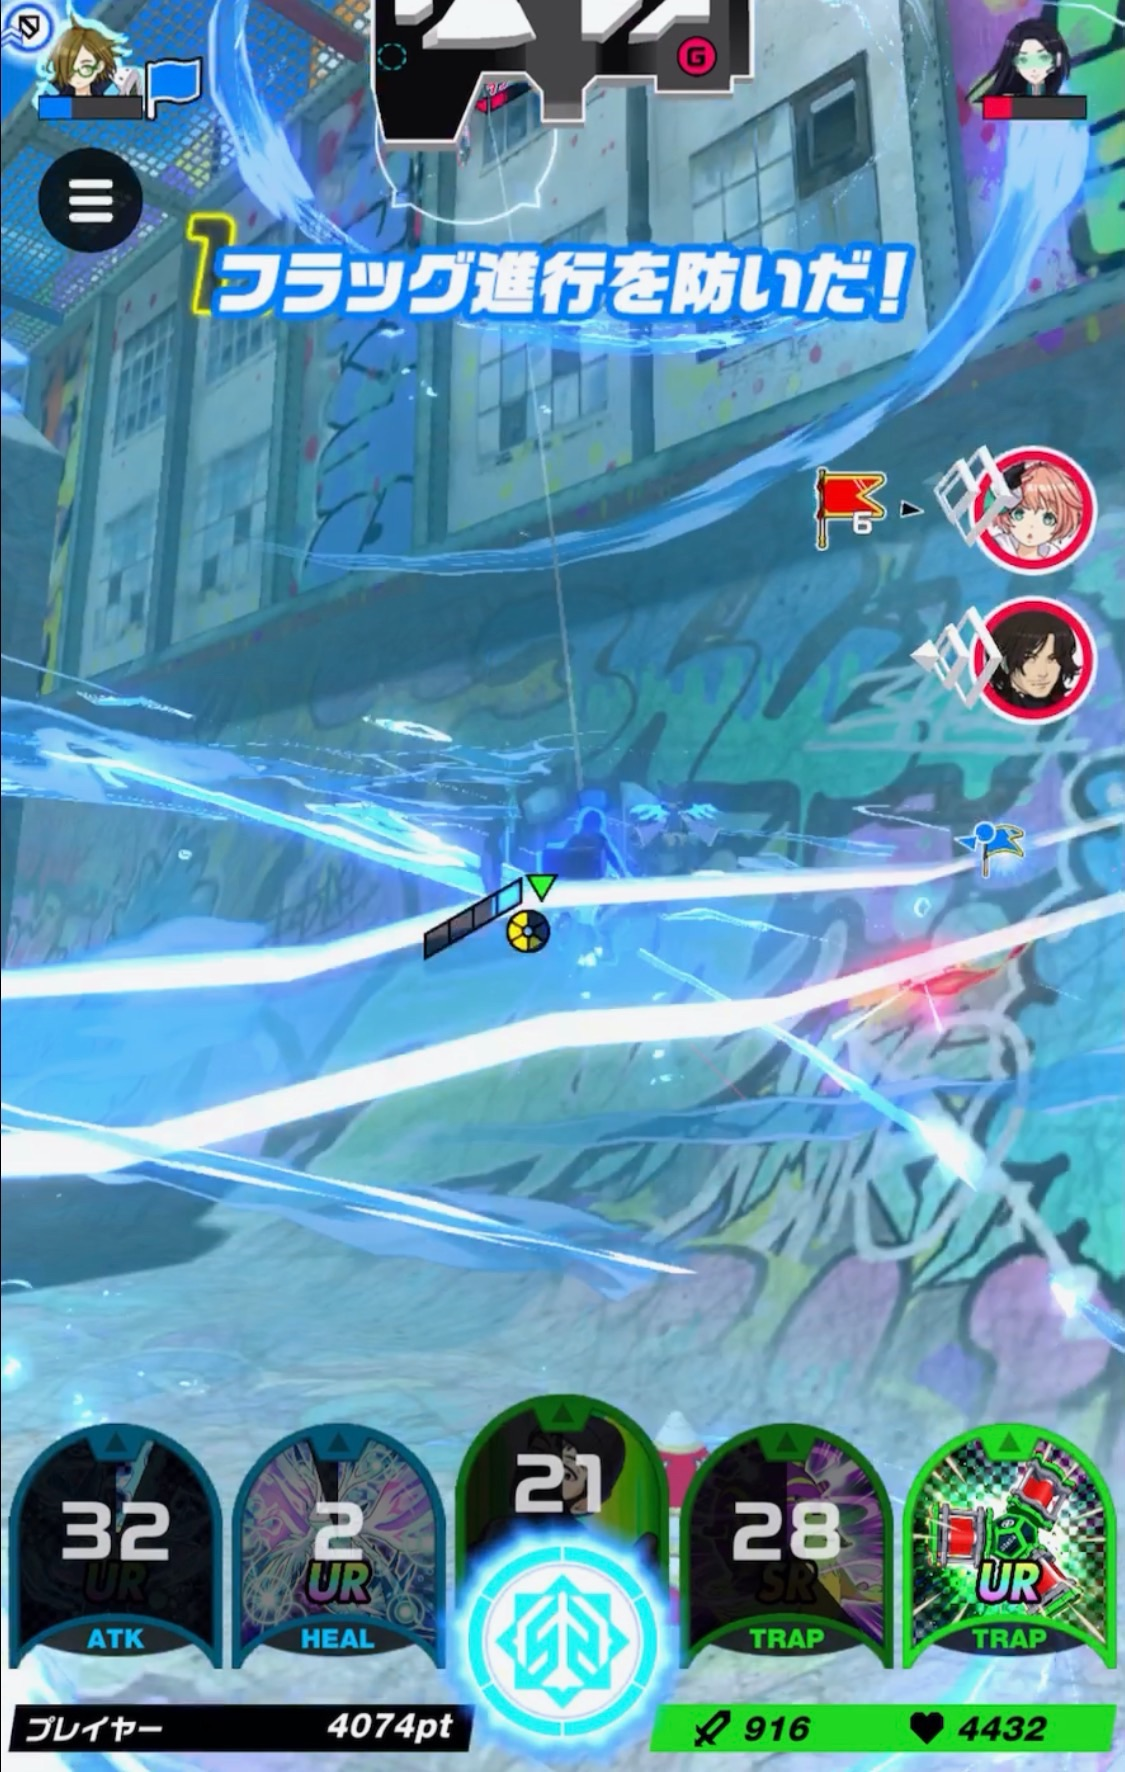 キックフライト【攻略】:シドのおすすめデッキと立ち回り方【先行プレイ版】